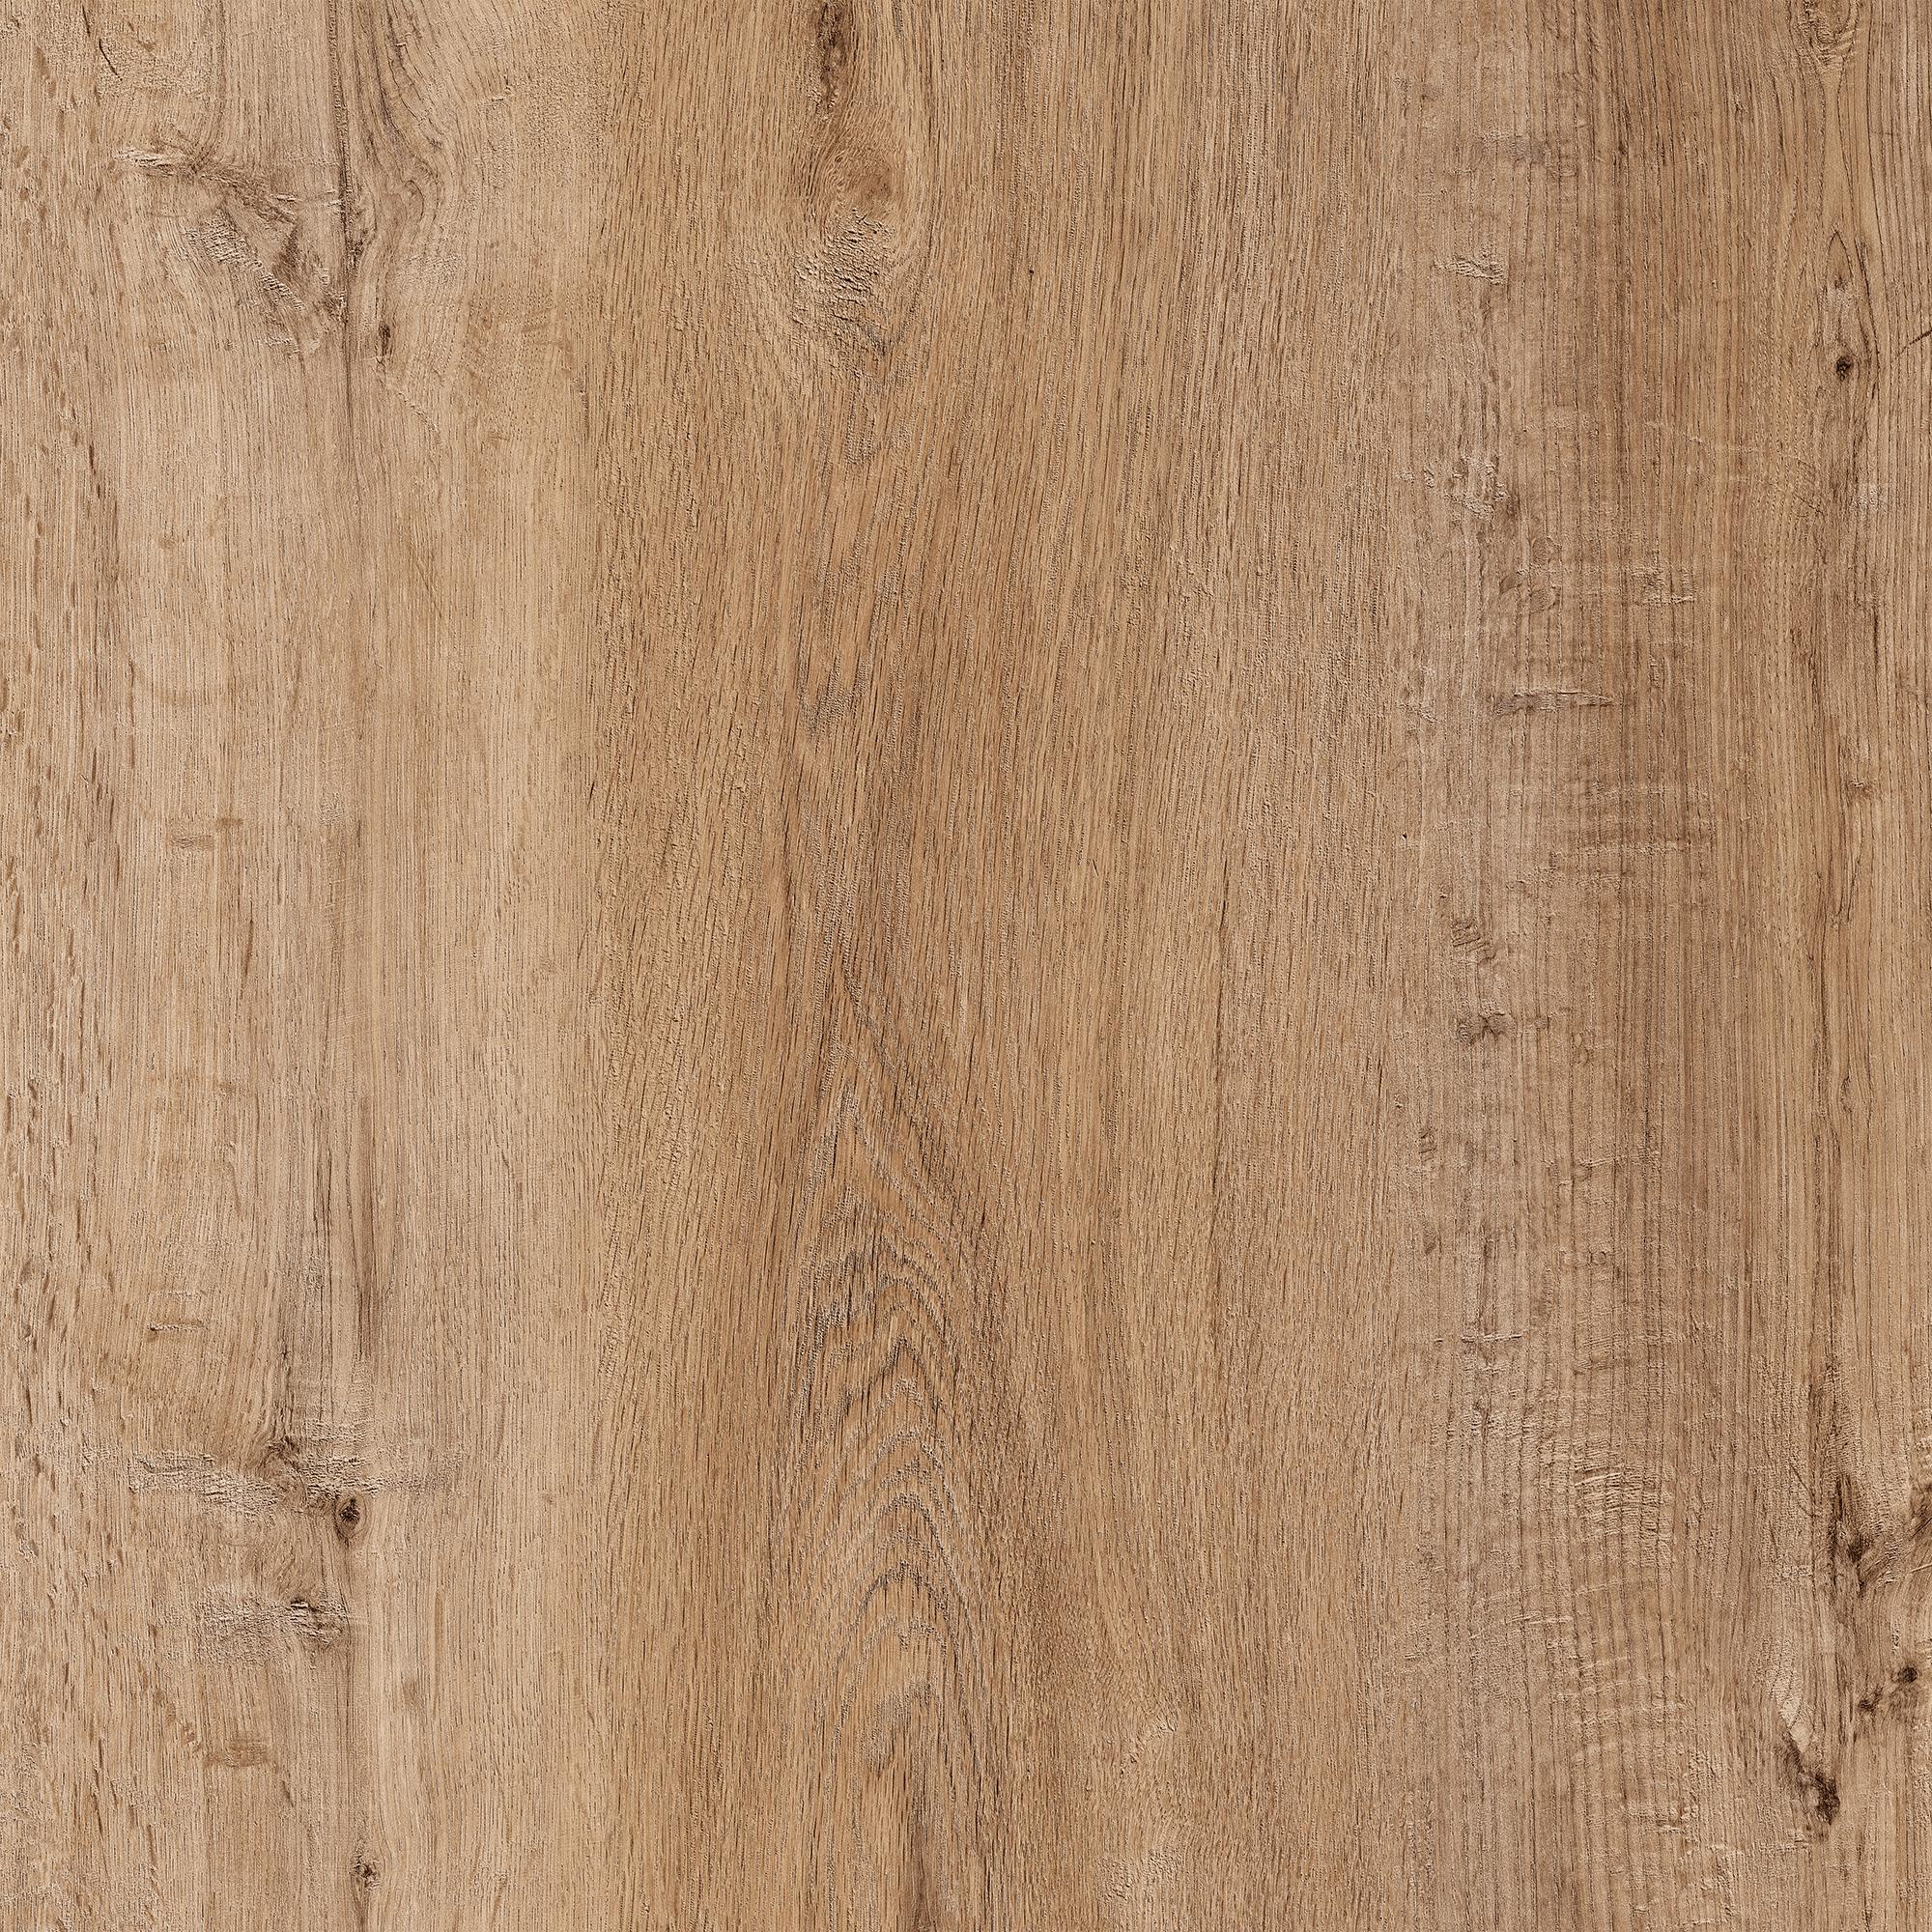 Laminatgolv BerryAlloc Original Bond Oak 1-Stav